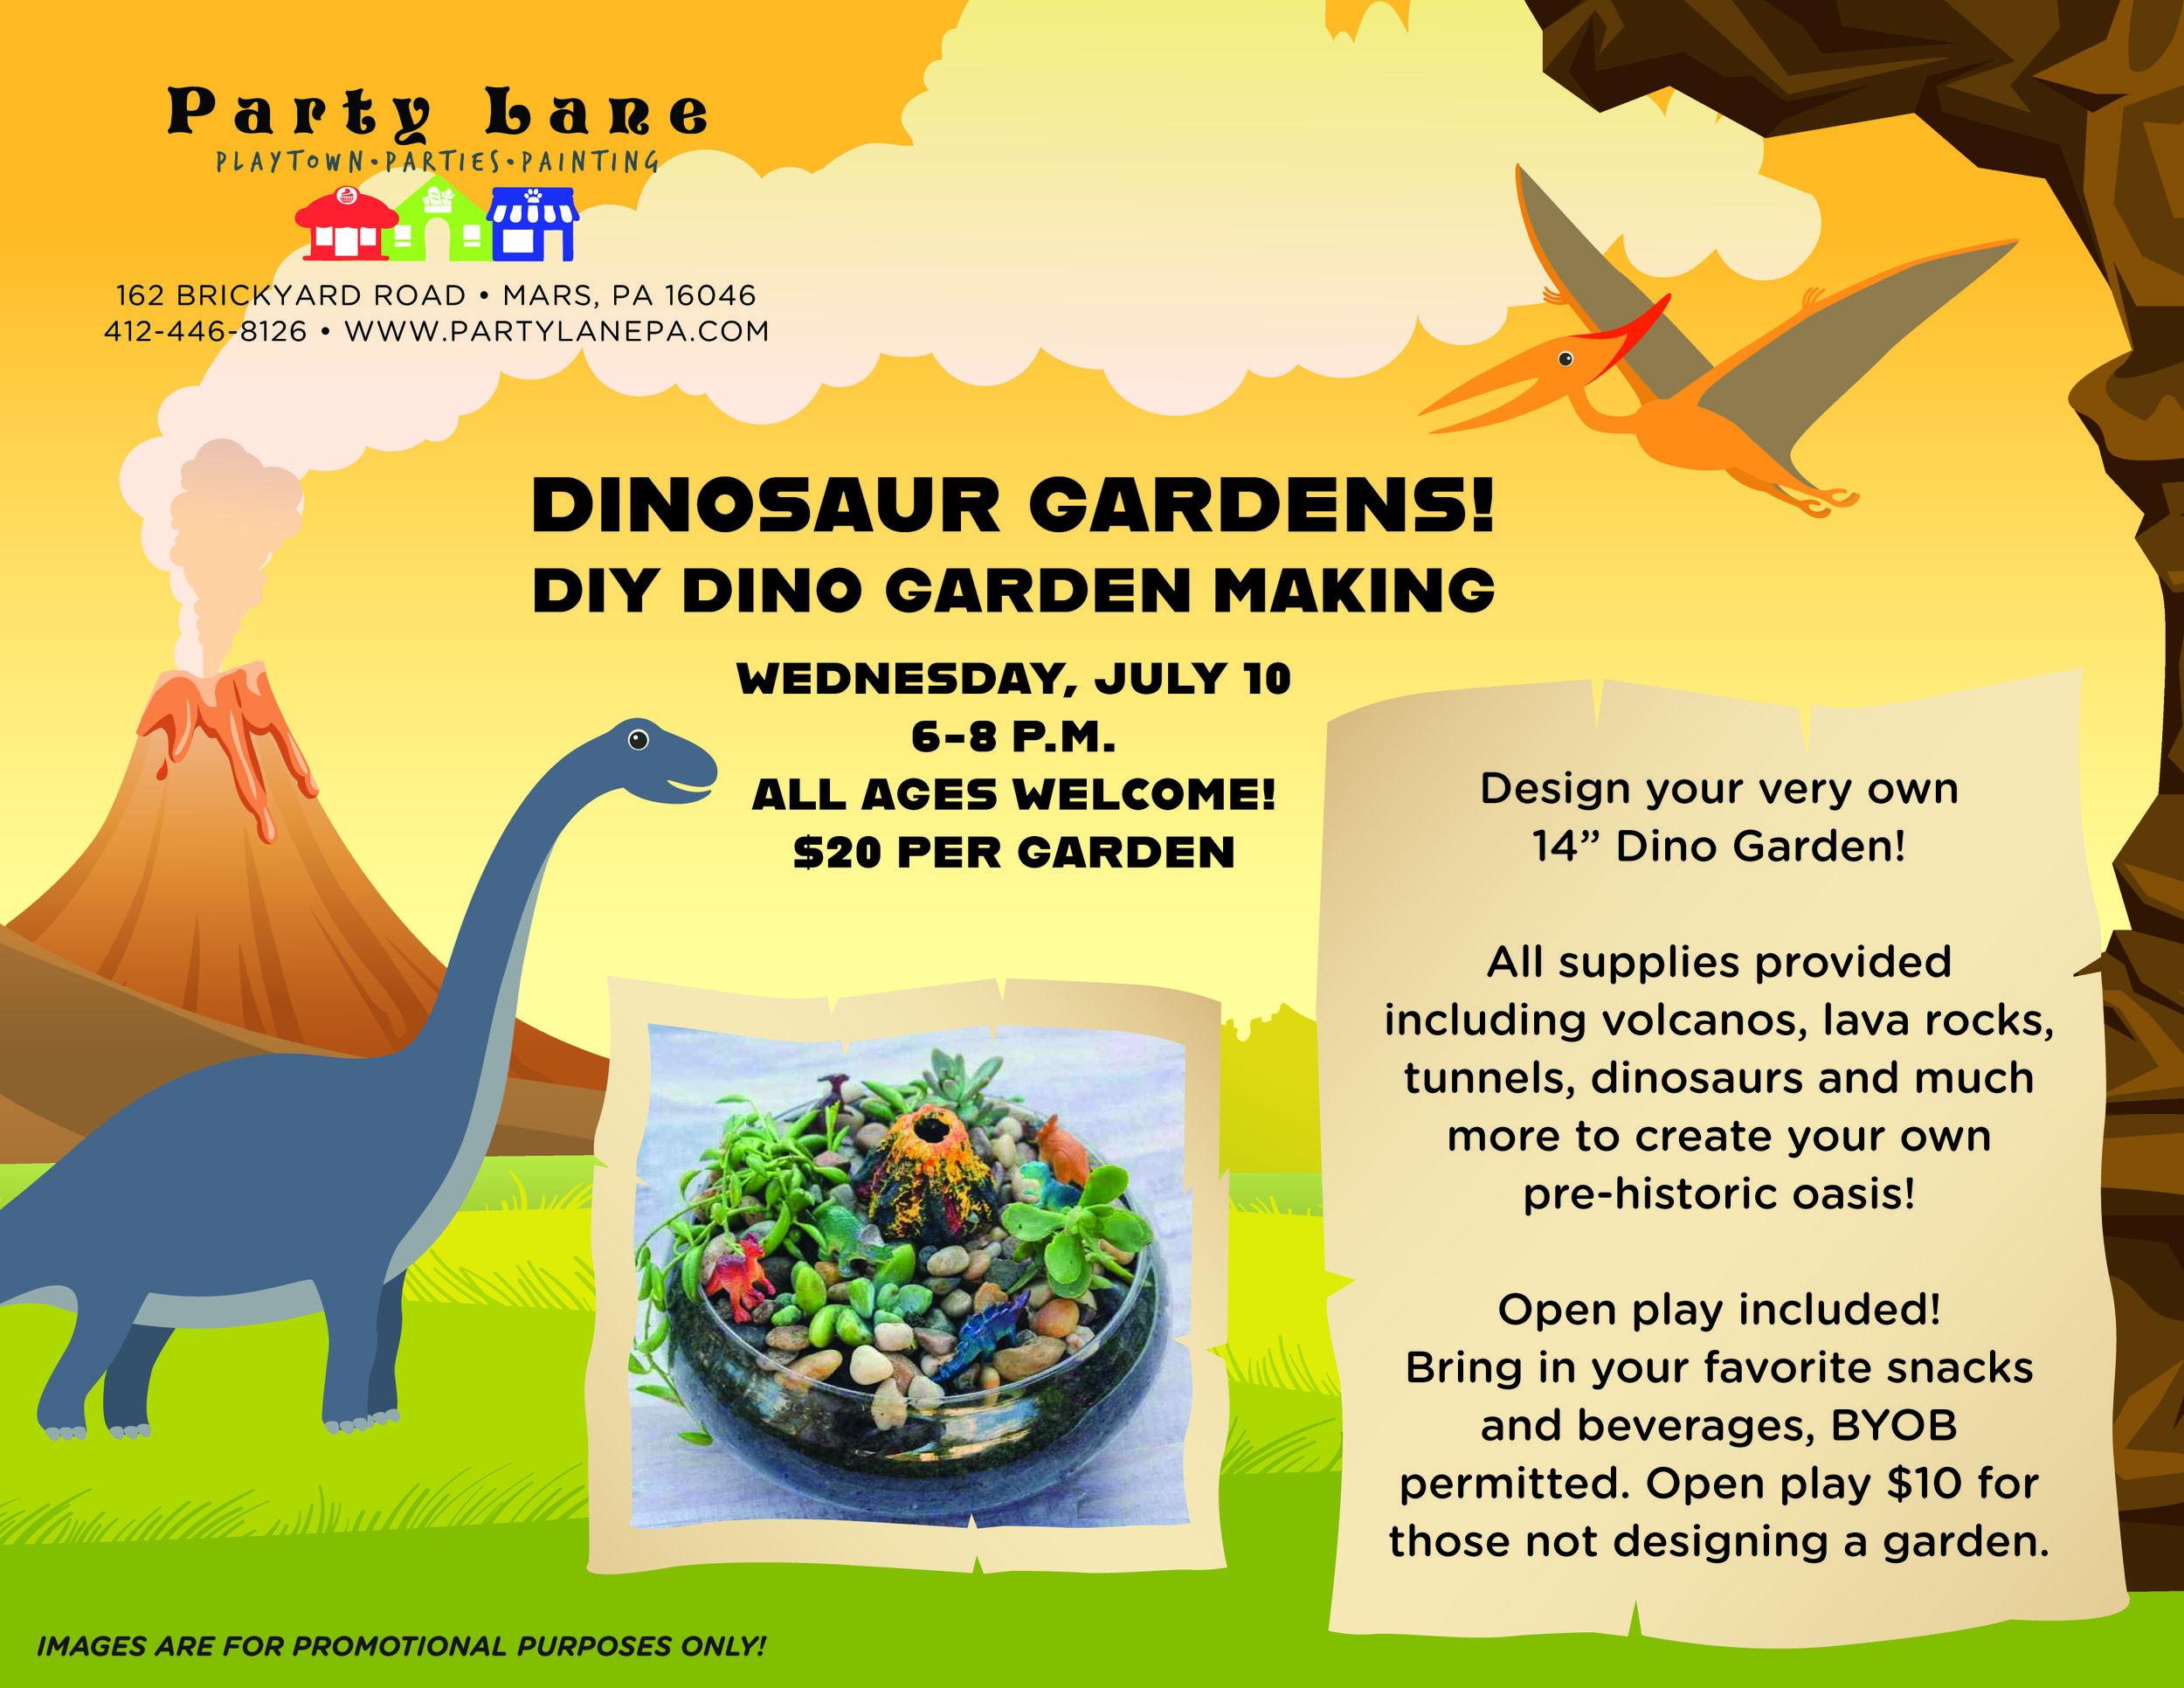 DinoGarden-01.jpg